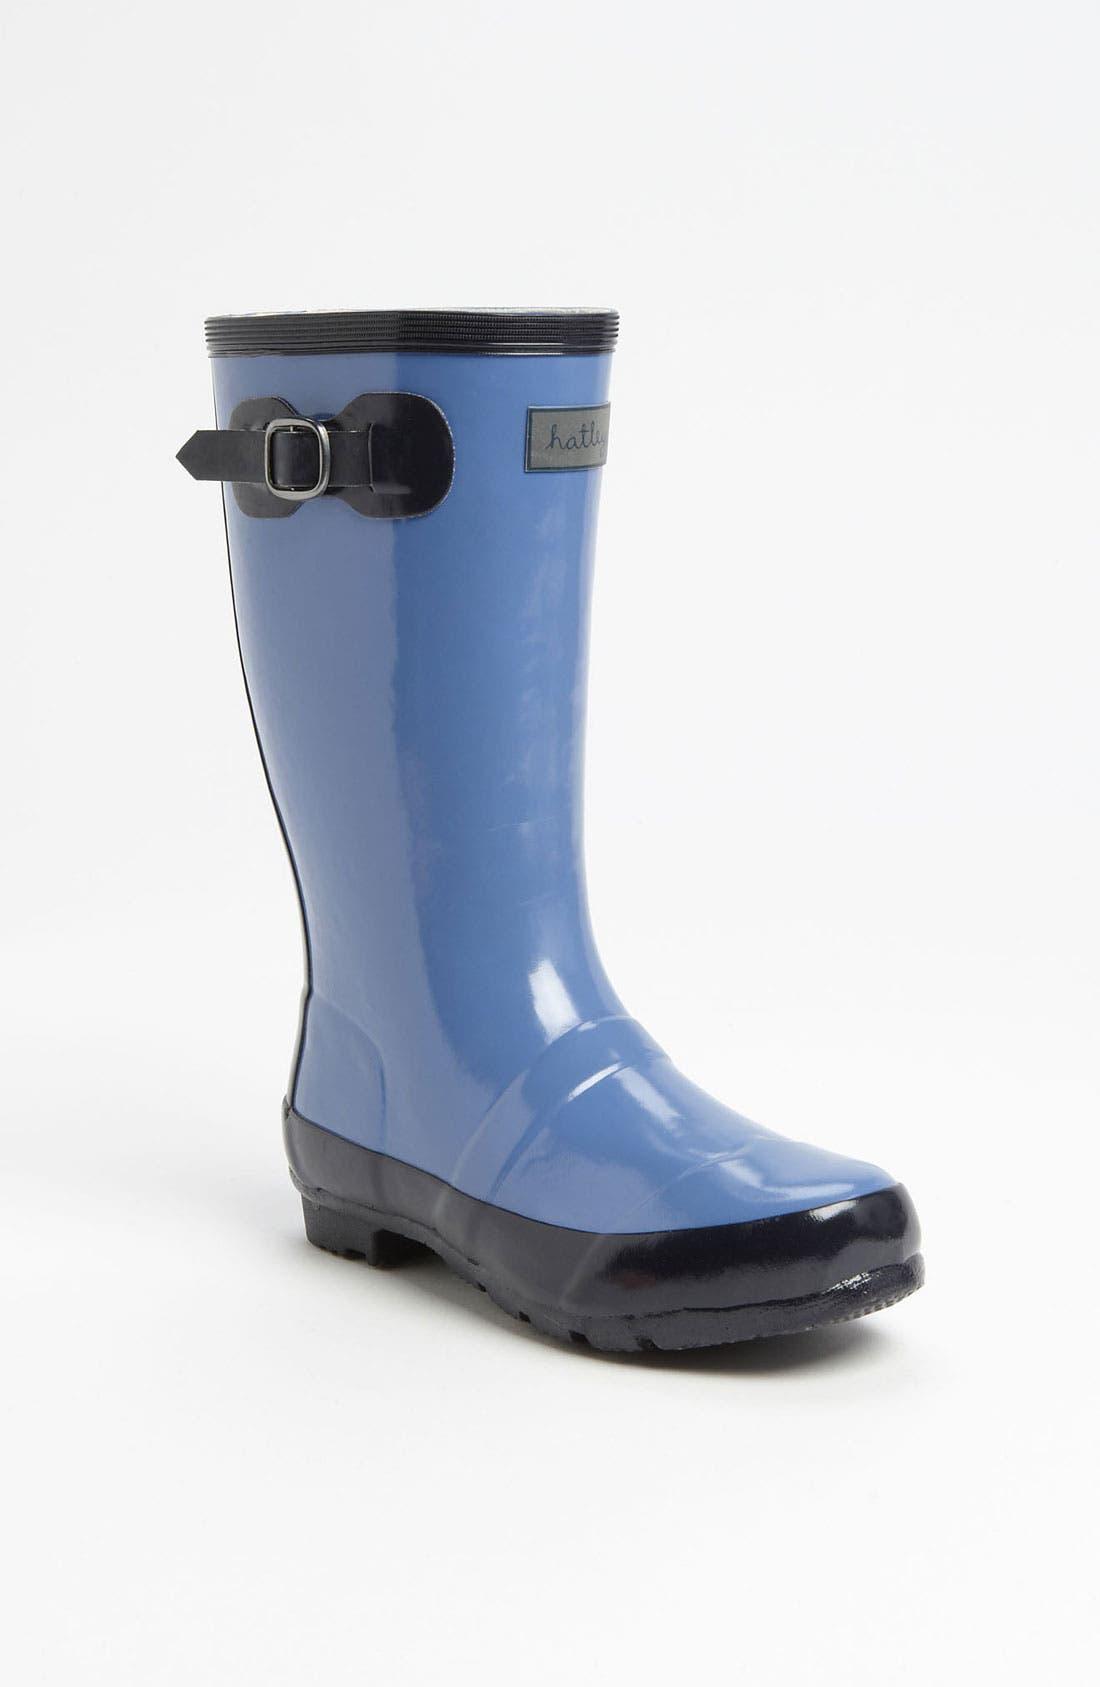 Alternate Image 1 Selected - Hatley 'Splash' Rain Boot (Toddler & Little Kid)